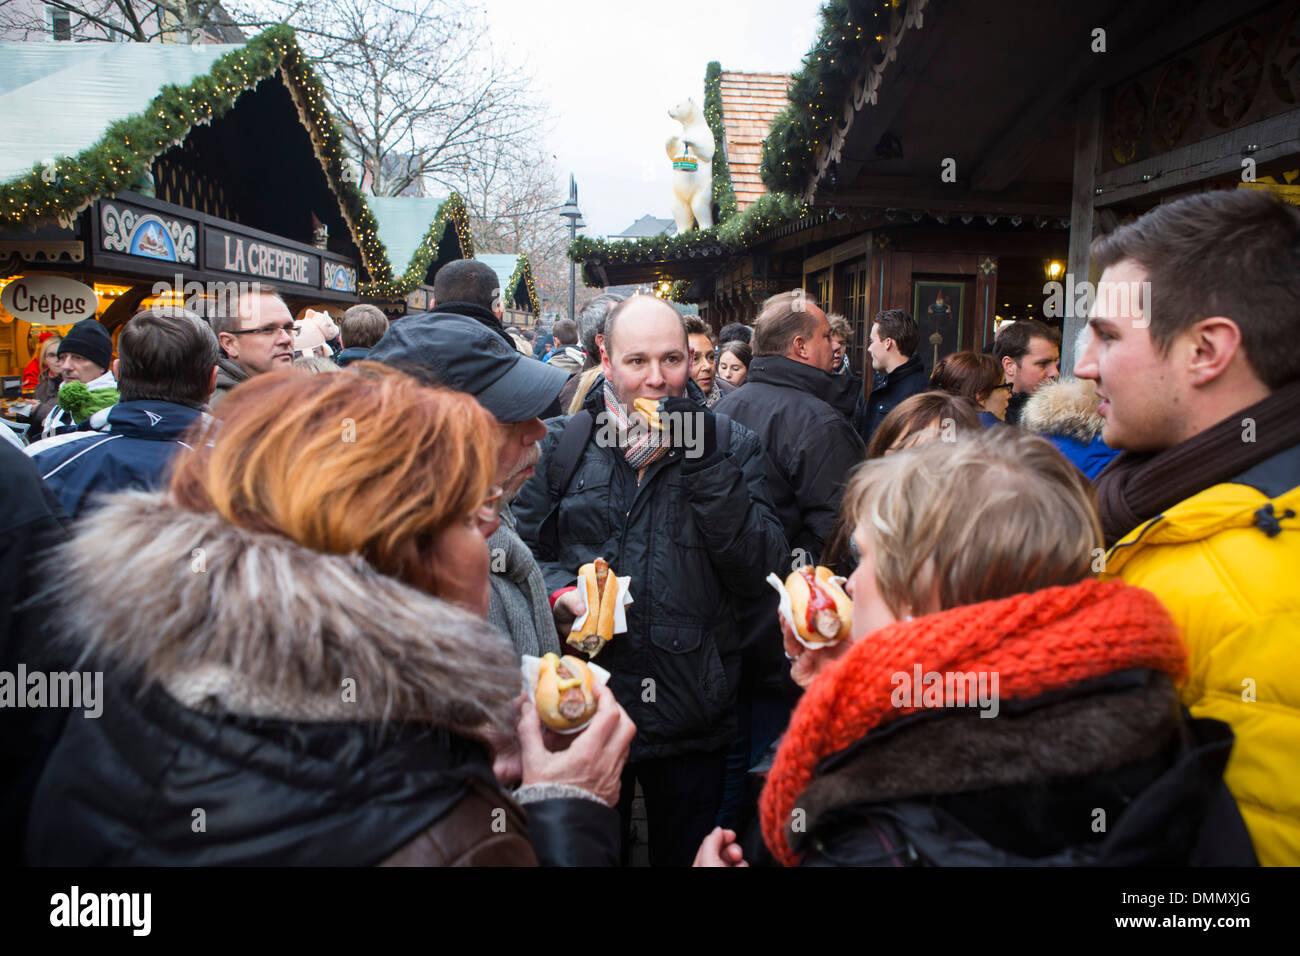 Il mercatino di Natale di Colonia: persone mangiare salsiccia rotolo all'Altstadt o la parte vecchia della città Immagini Stock